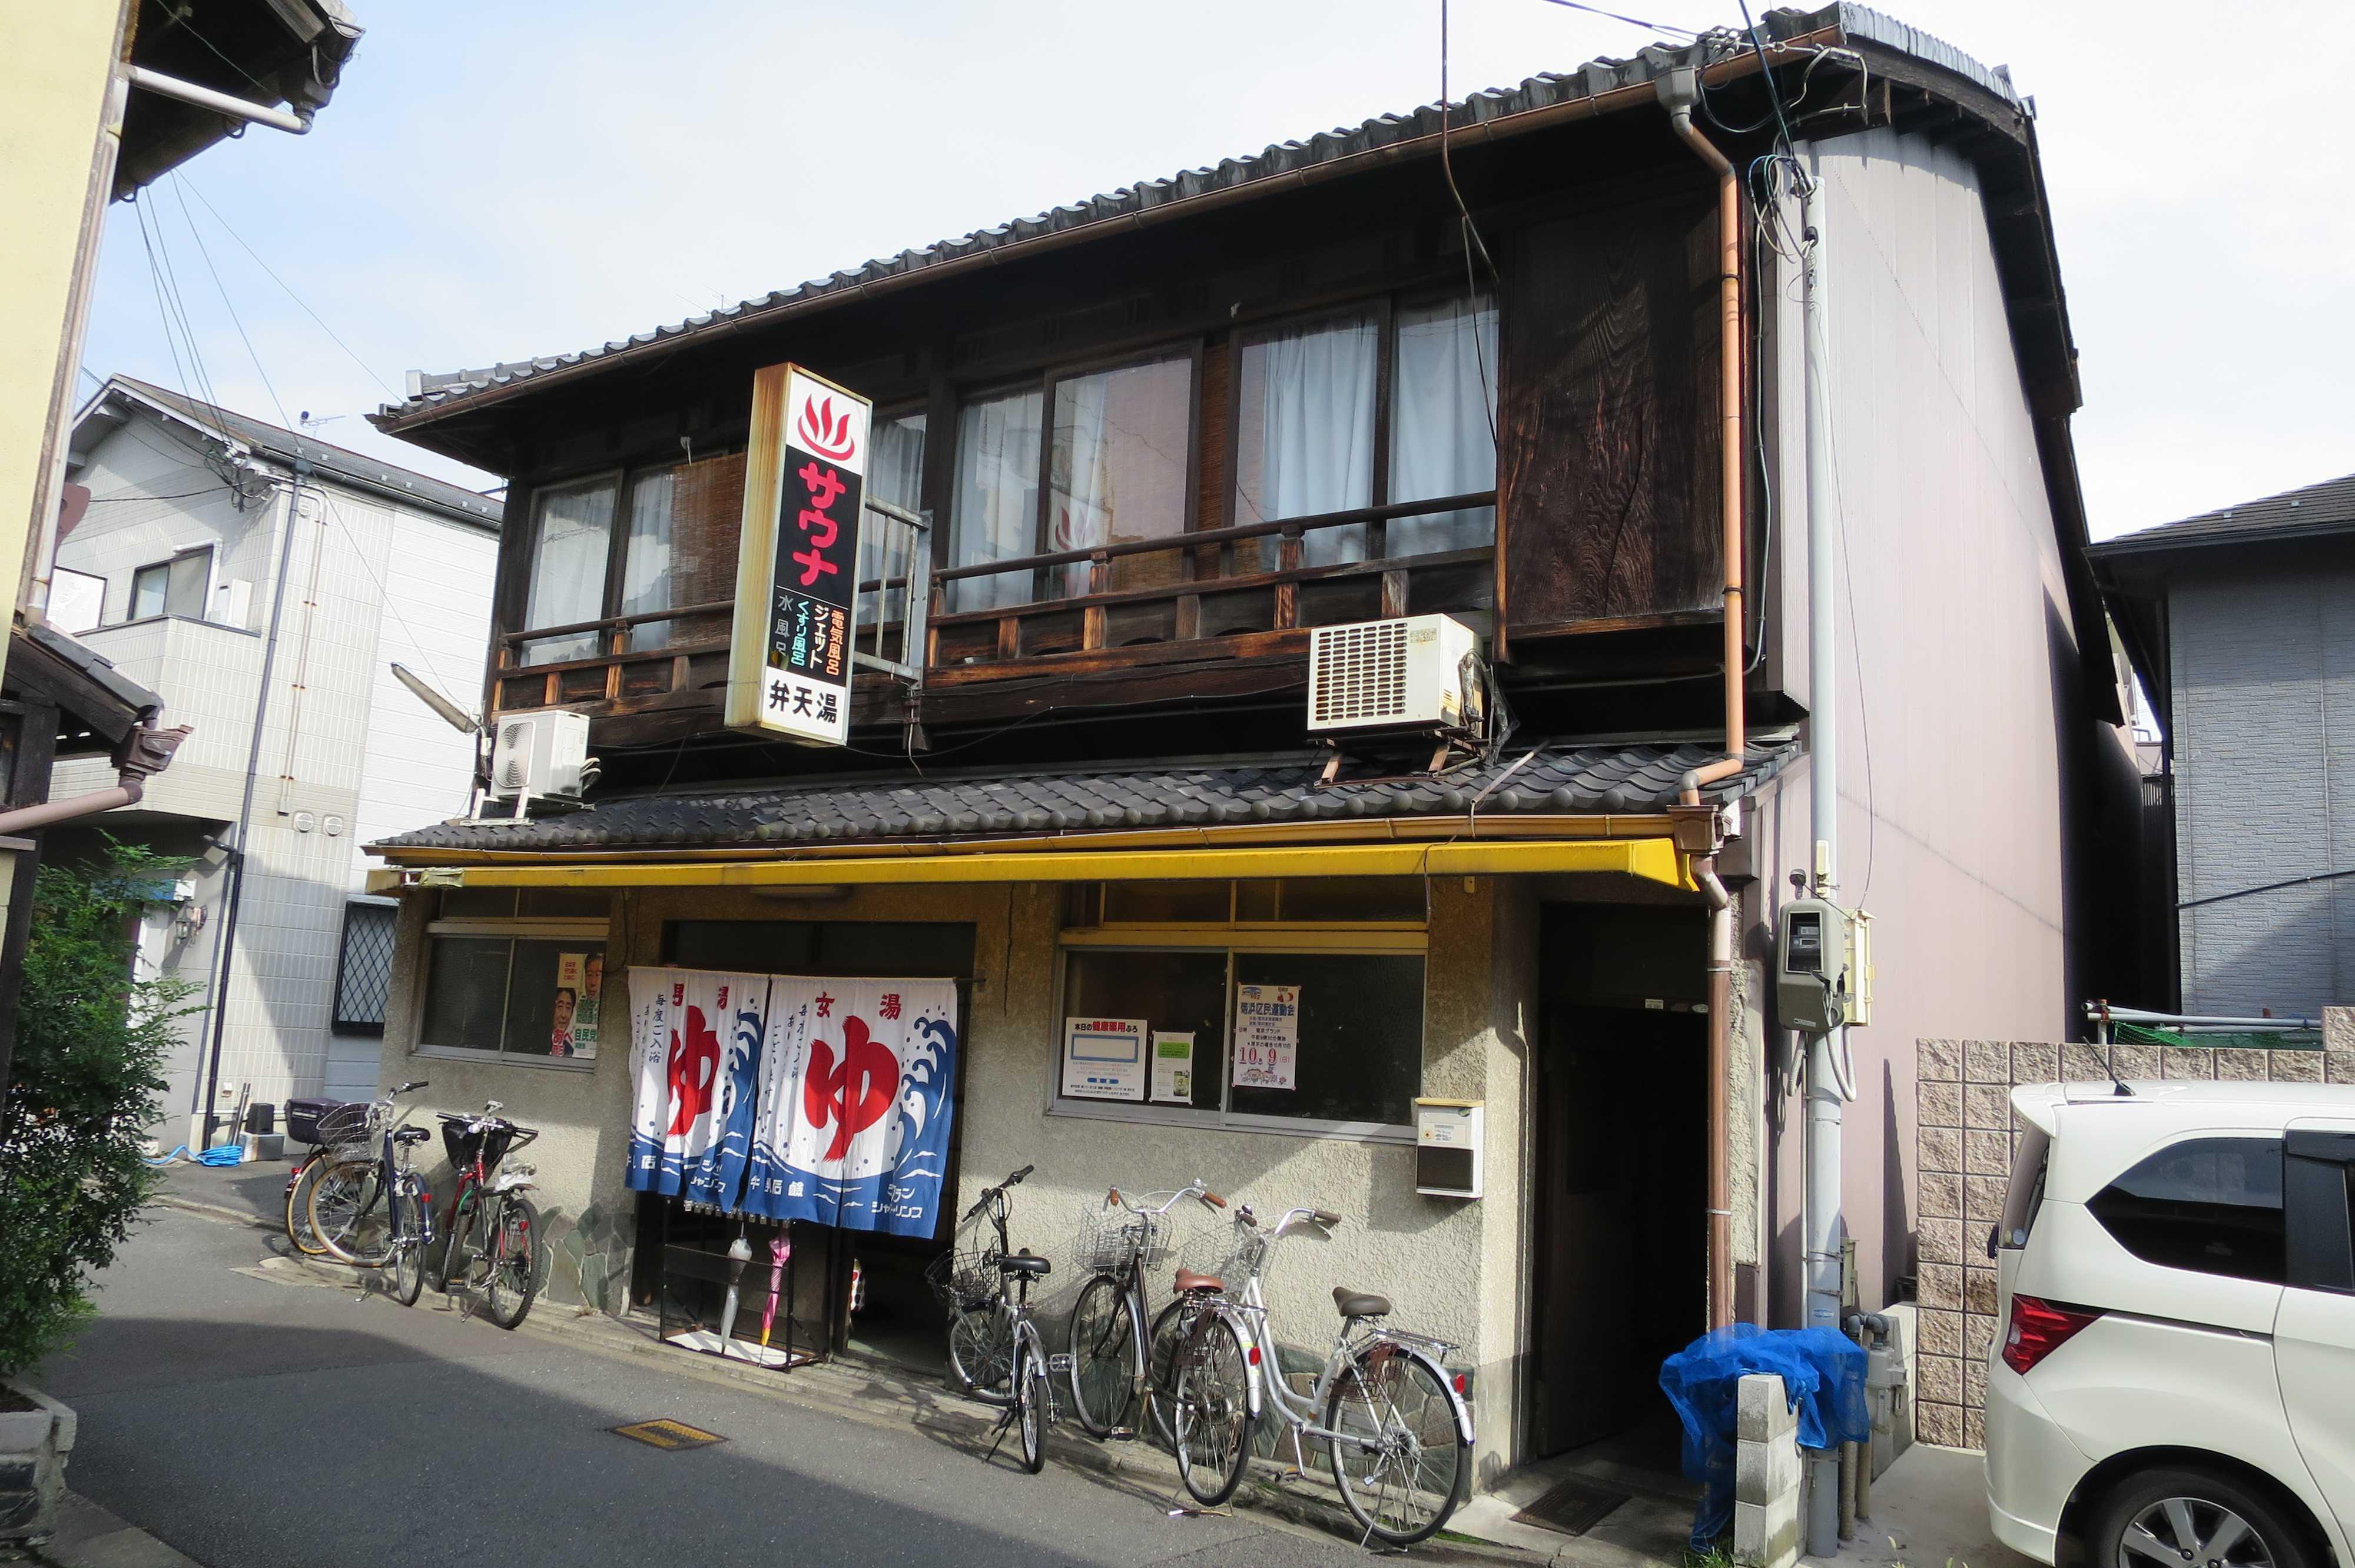 京都・五条楽園 - サウナ弁天湯